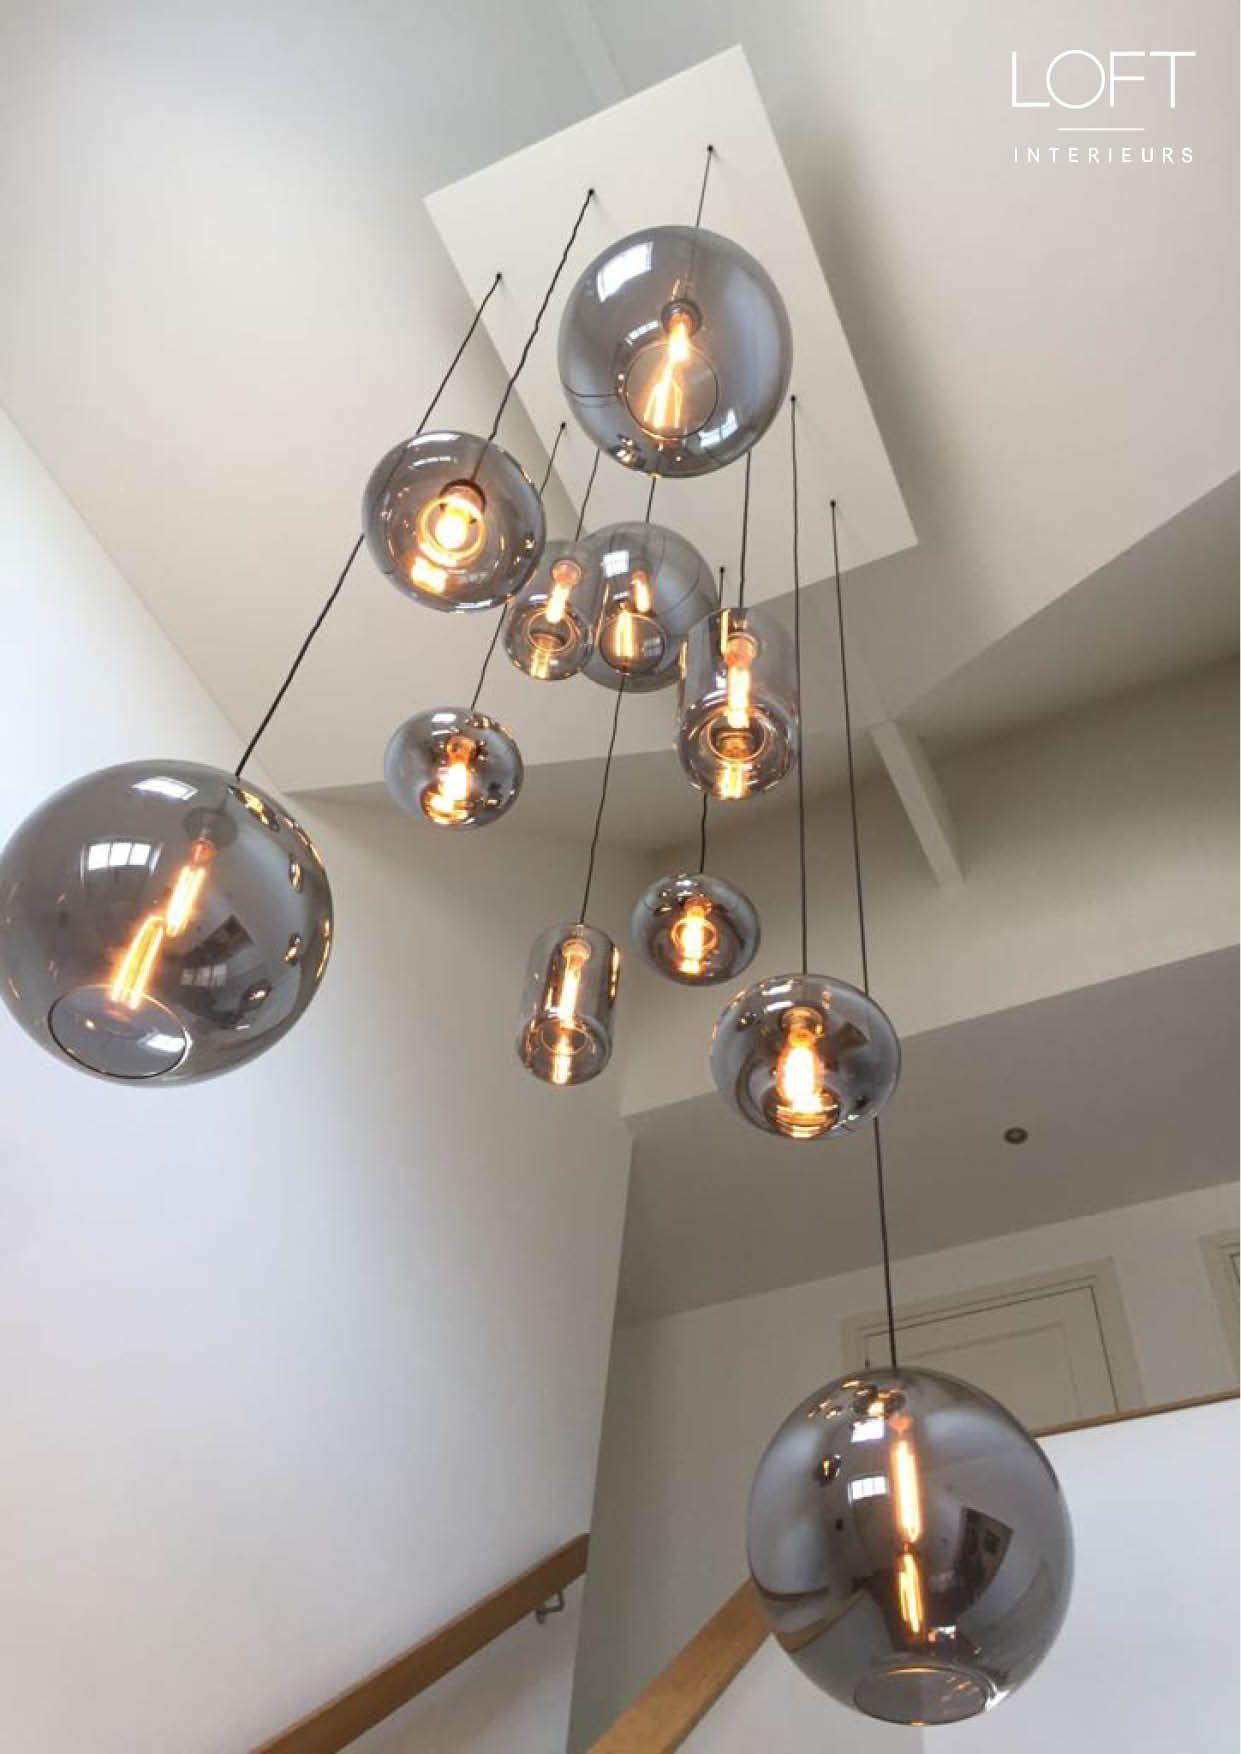 loftinterieurs bulbs lighting vide project  Lampen